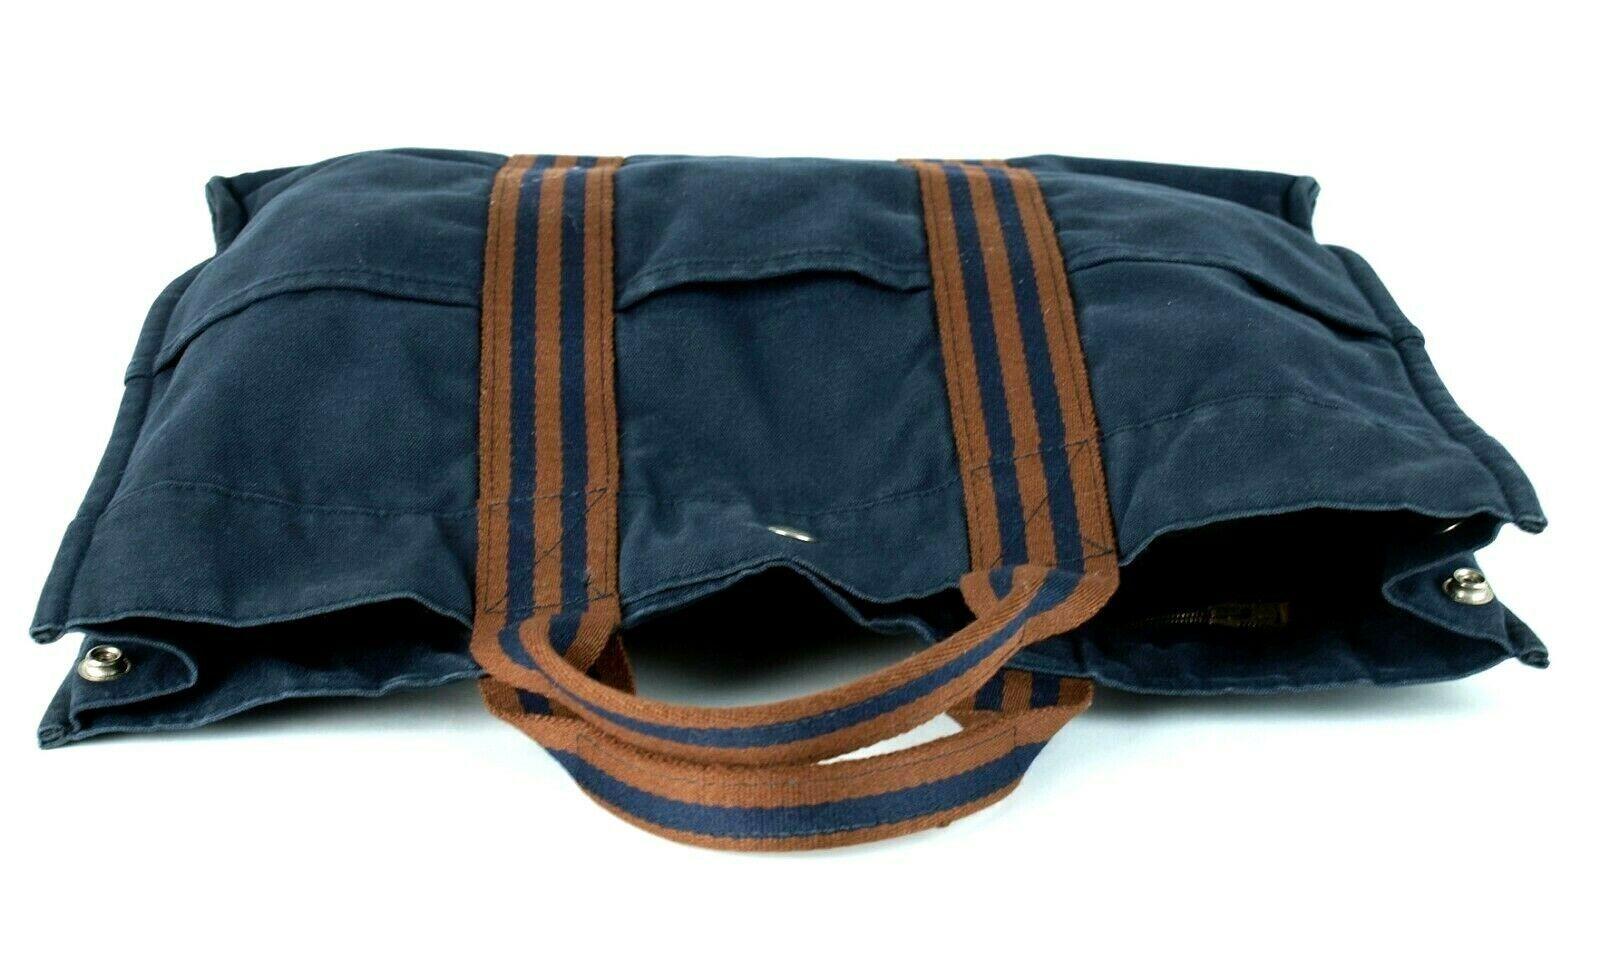 a0a200025 Authentic HERMES Paris Fourre Tout MM Navy 100% Cotton Canvas Tote Handbag  Purse